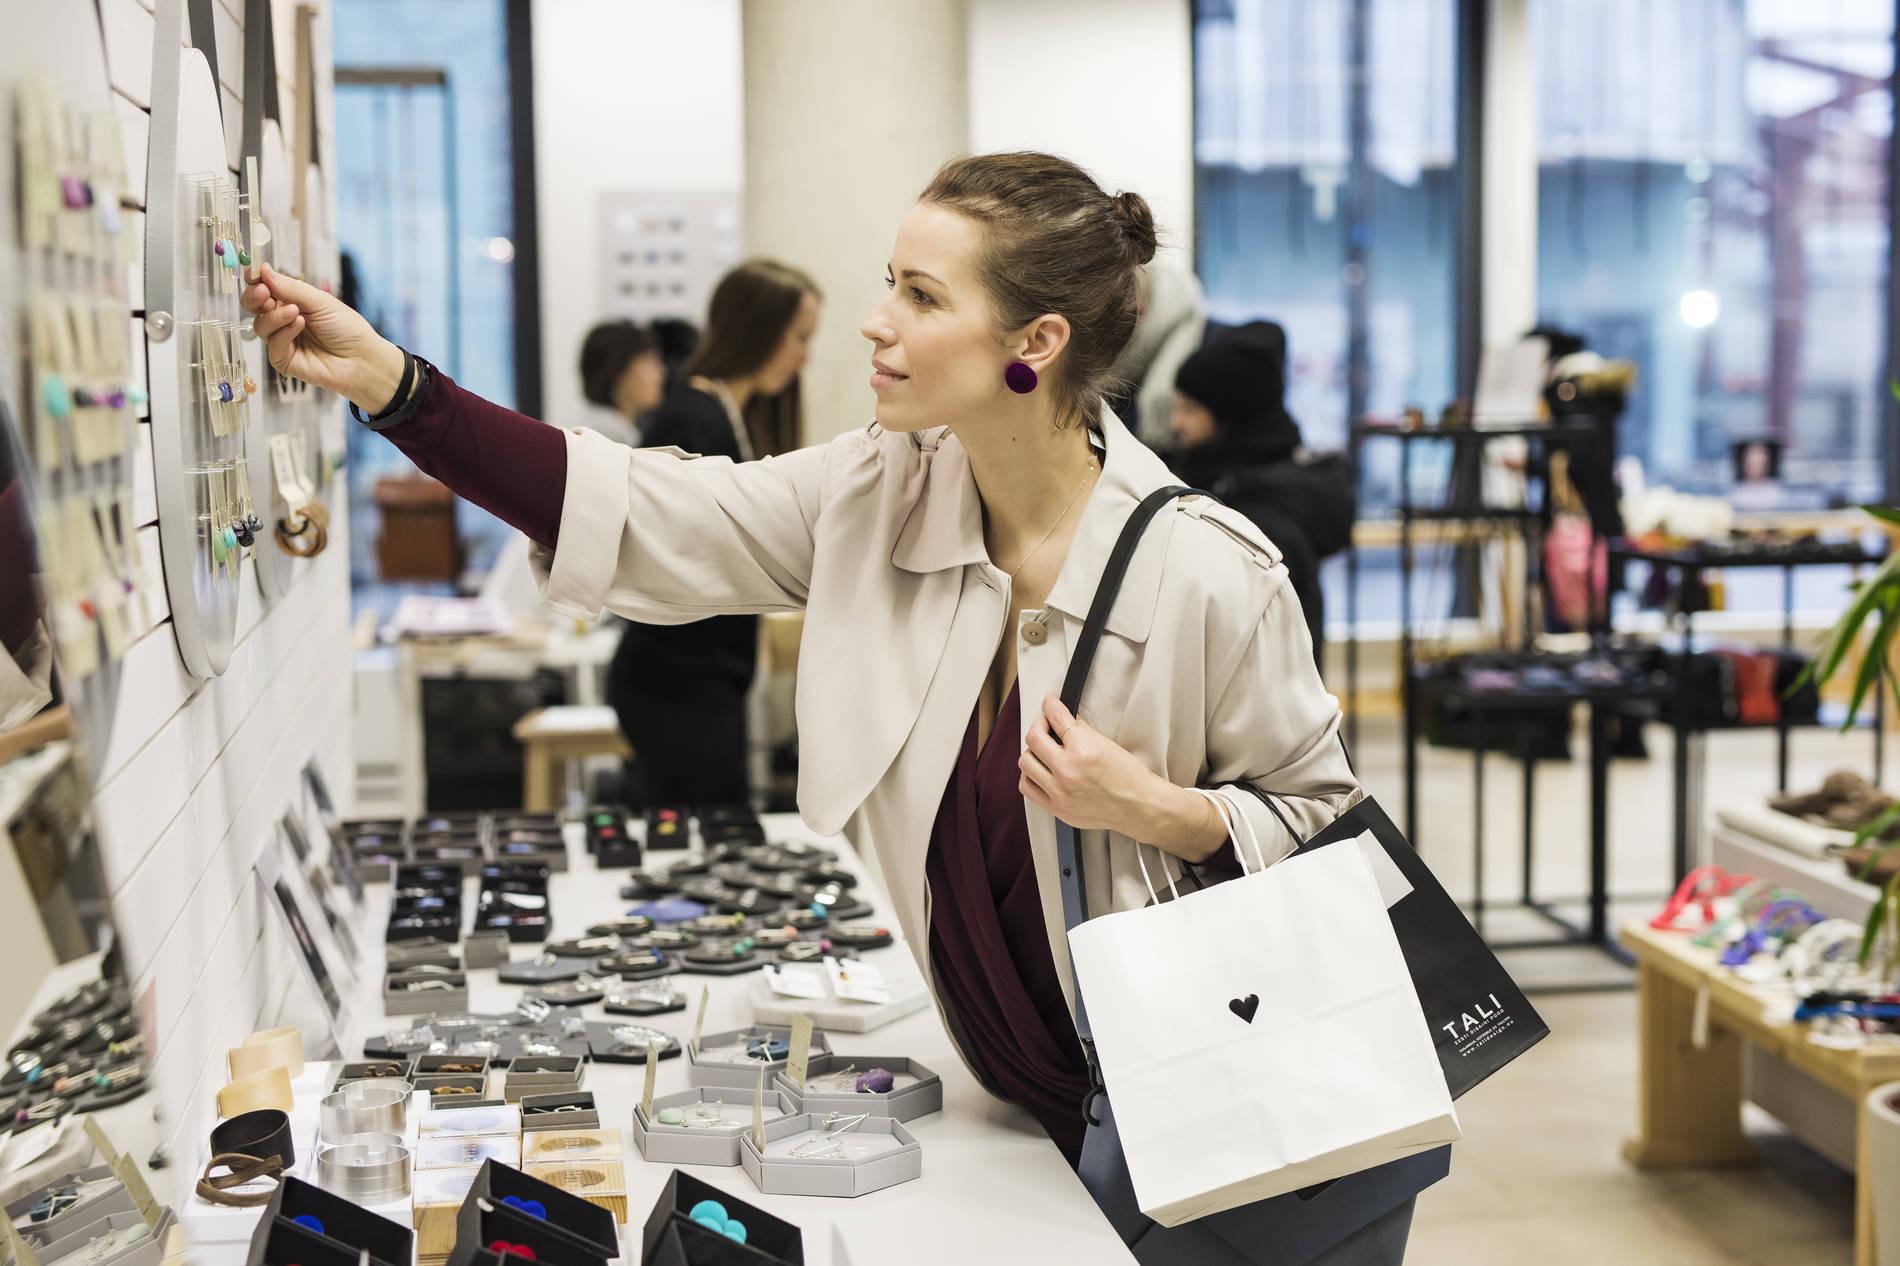 Woman shopping in a design shop Photo by: Krõõt Tarkmeel